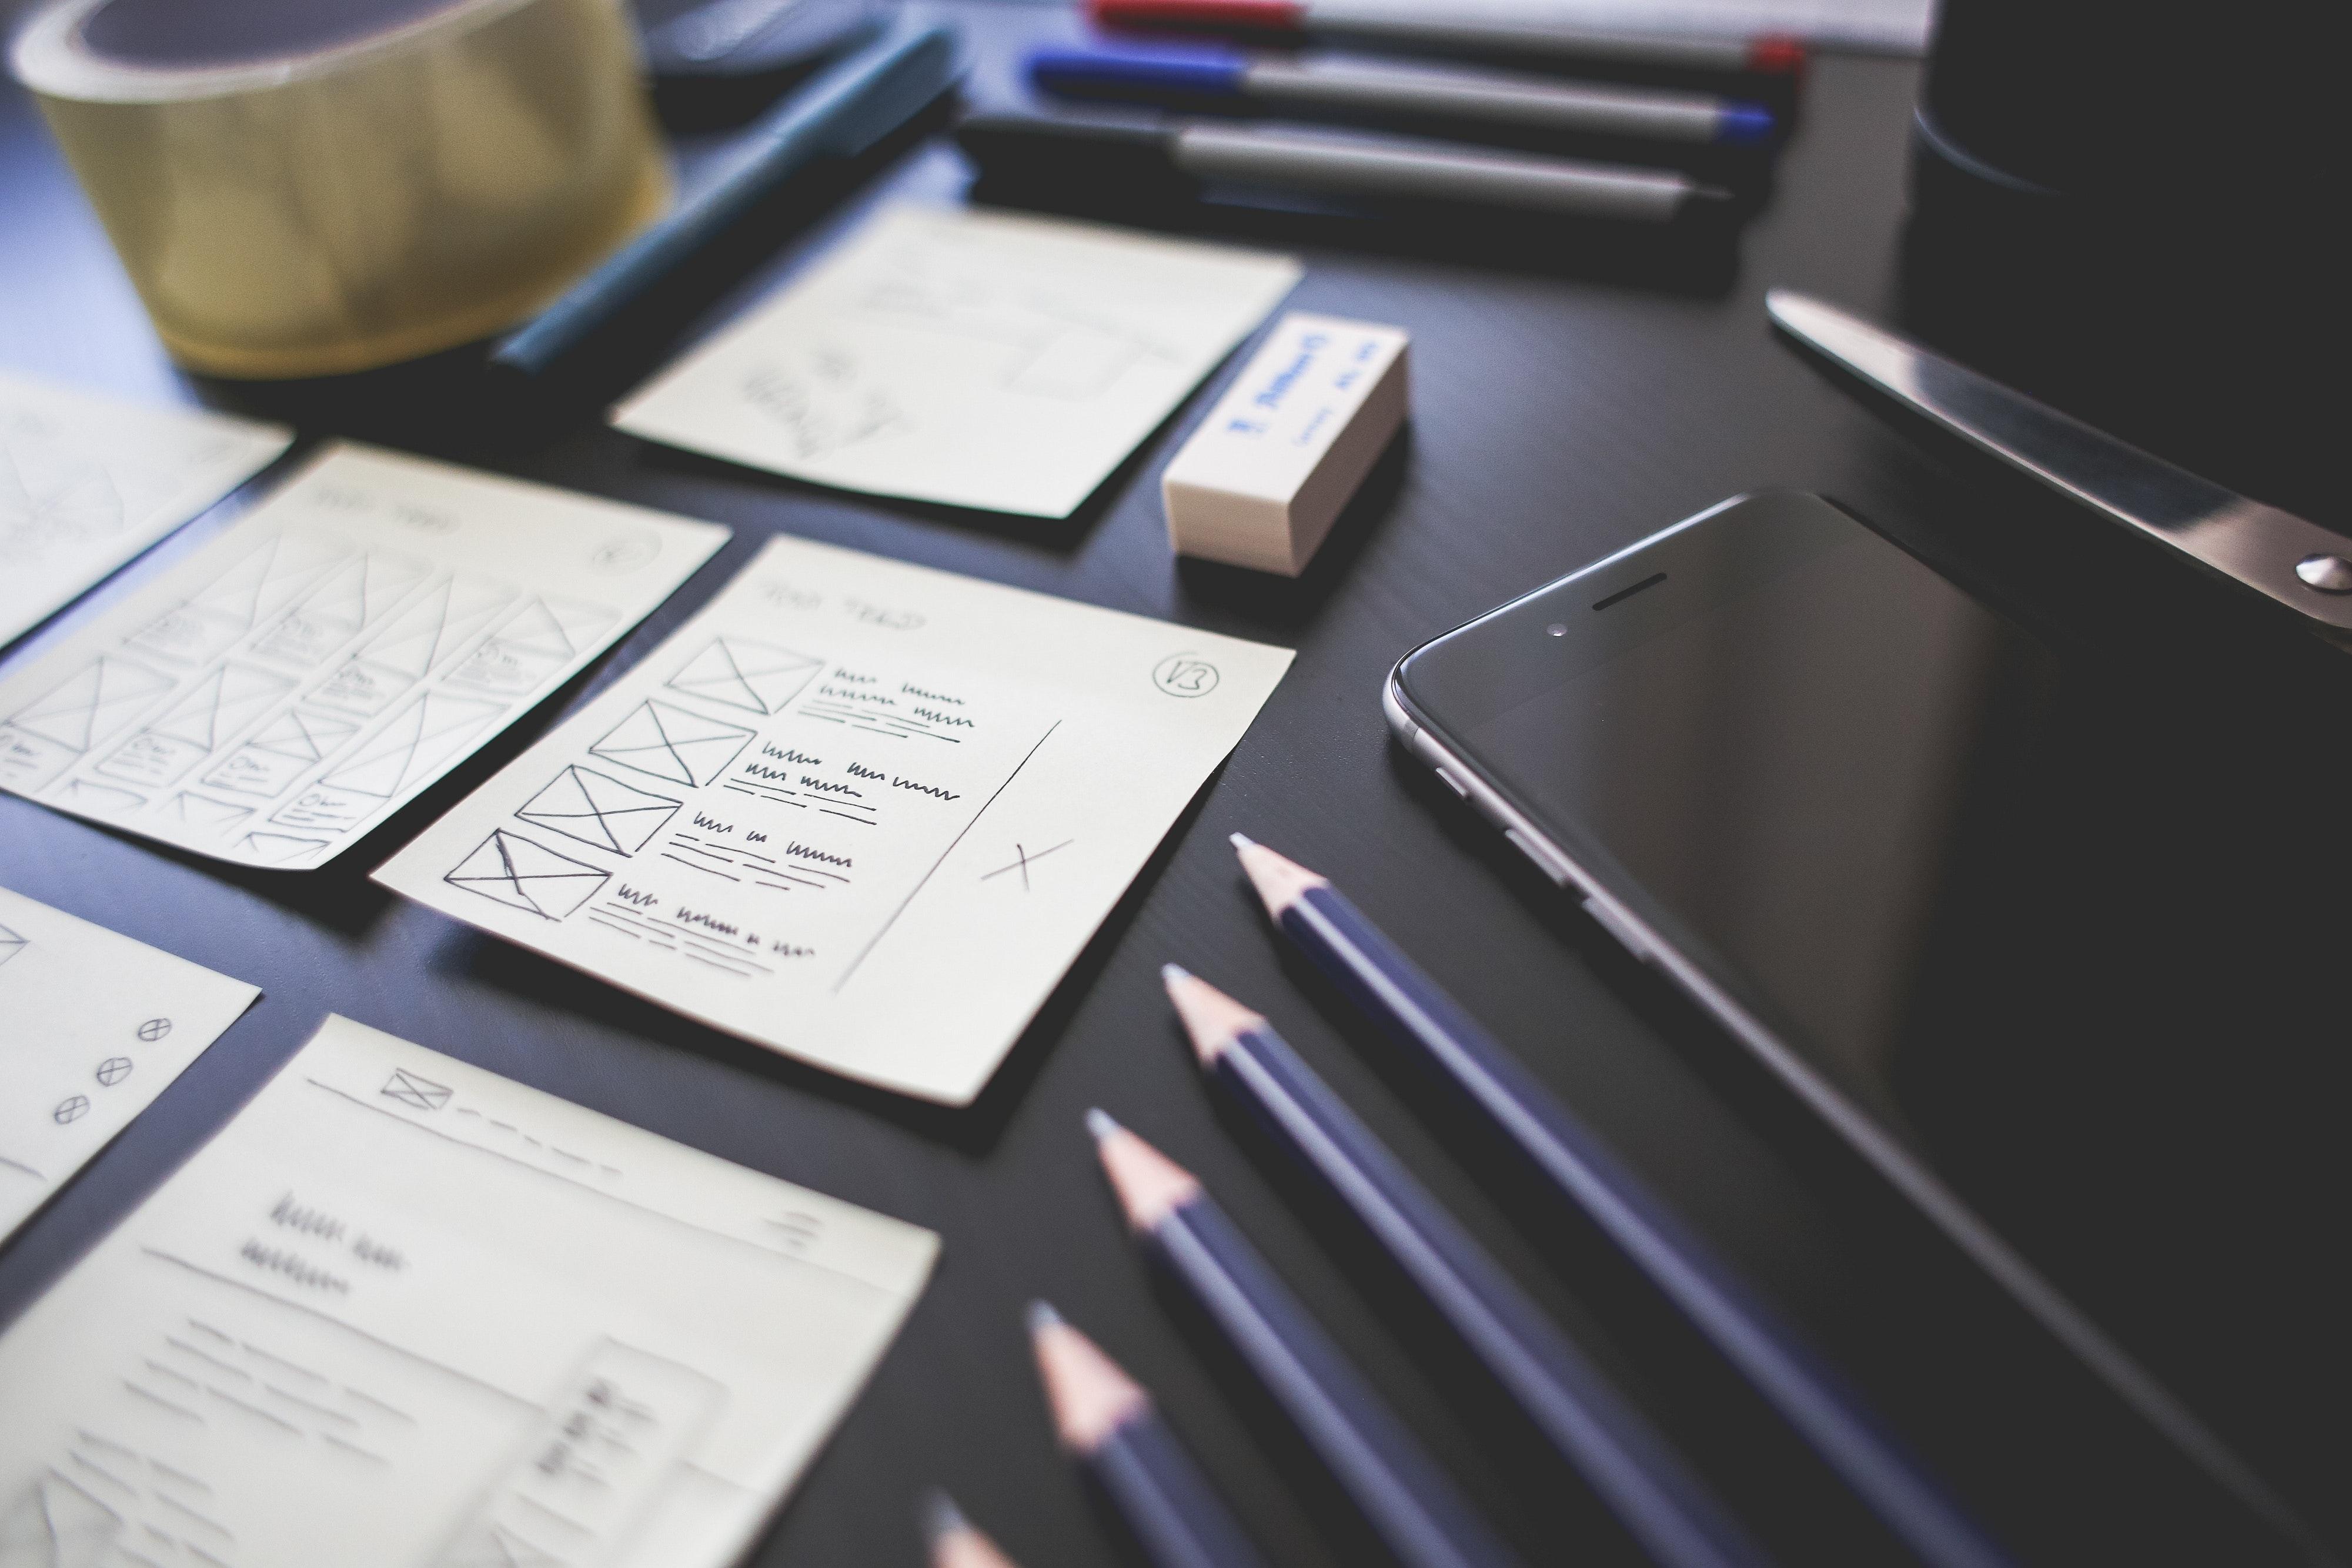 Mit Service Design zur besseren Customer Experience